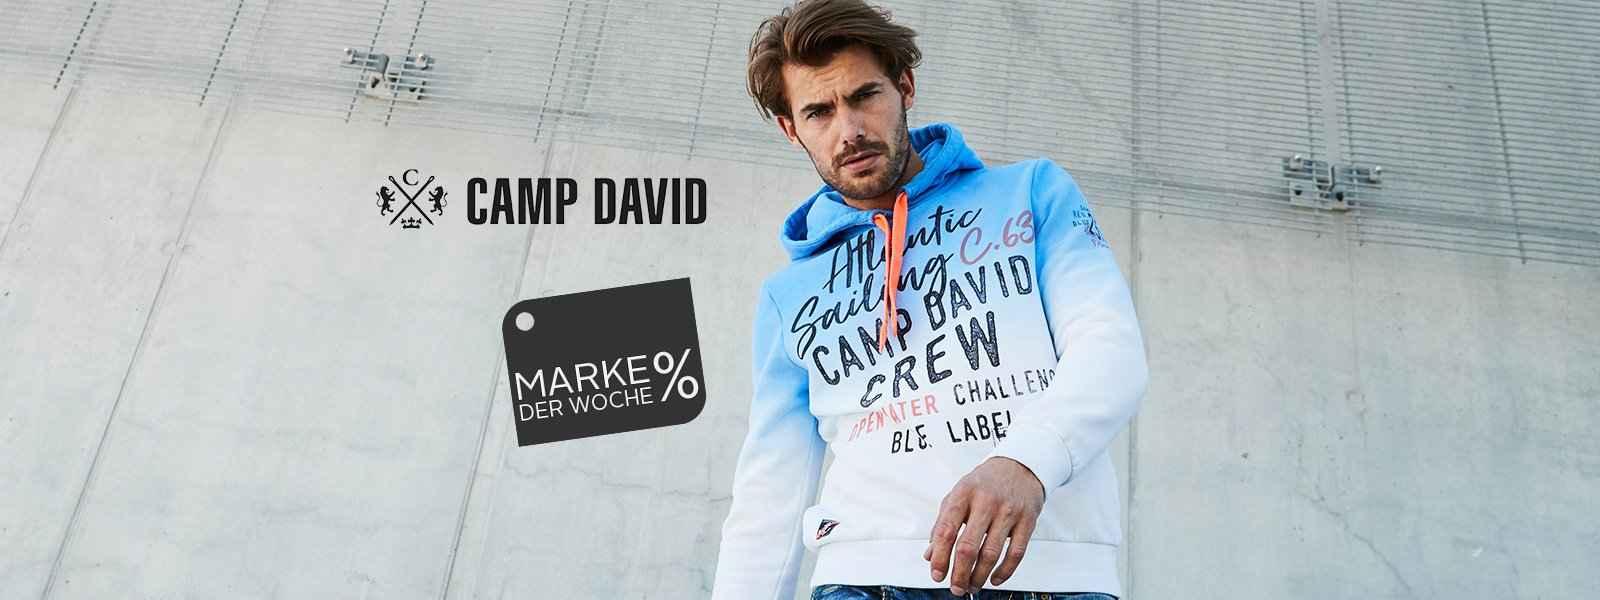 Marke der Woche: CAMP DAVID